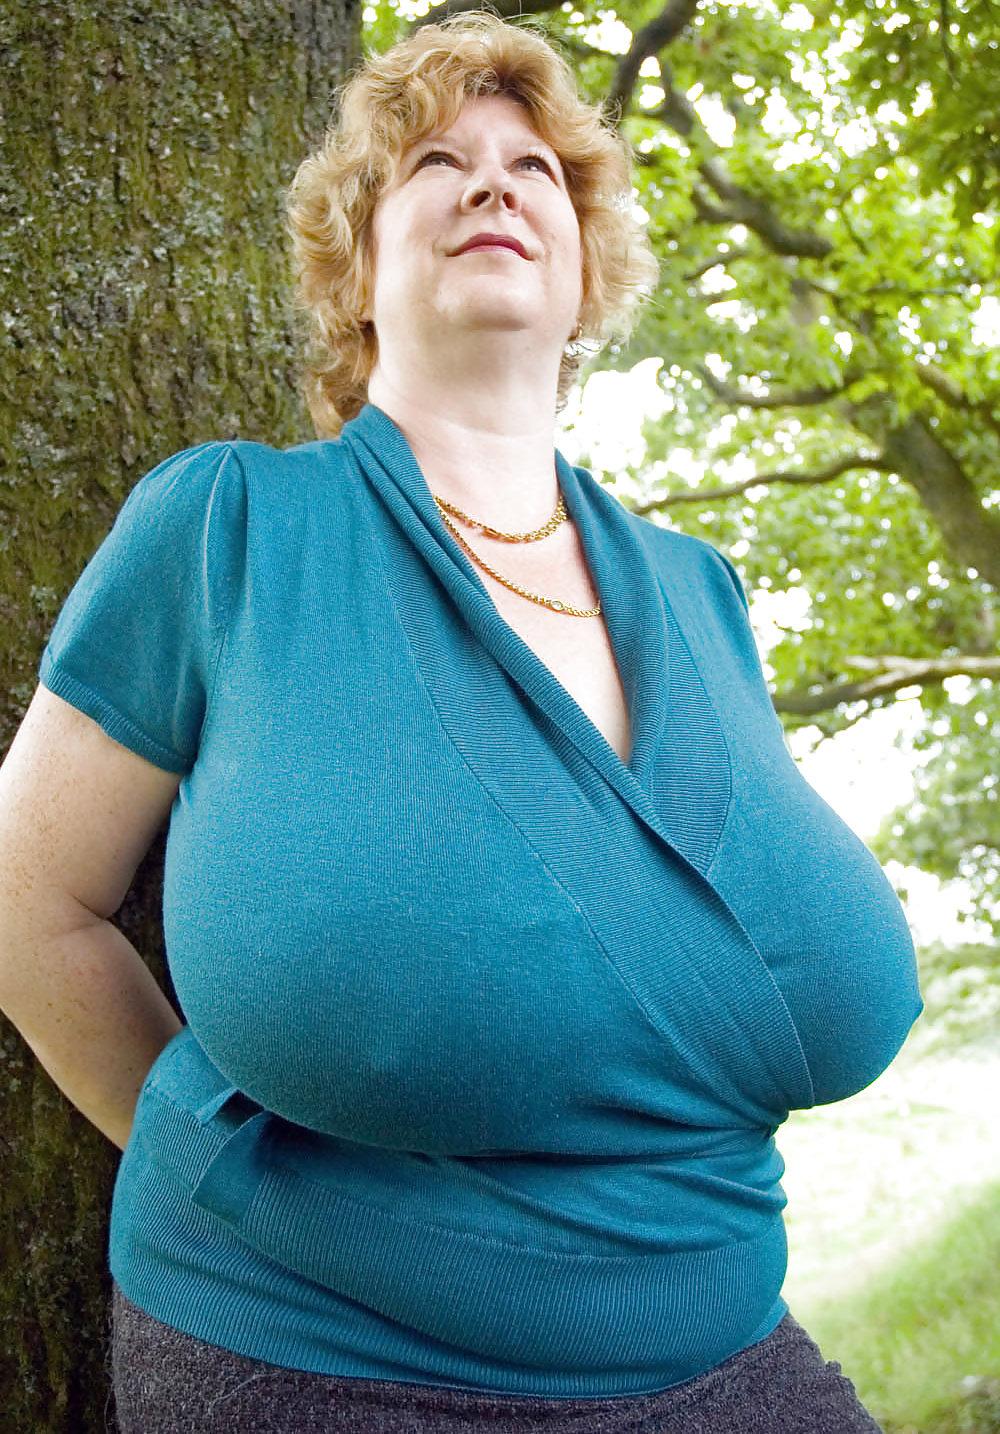 смотреть пожилых женщин с большими размерами полчаса, час, два